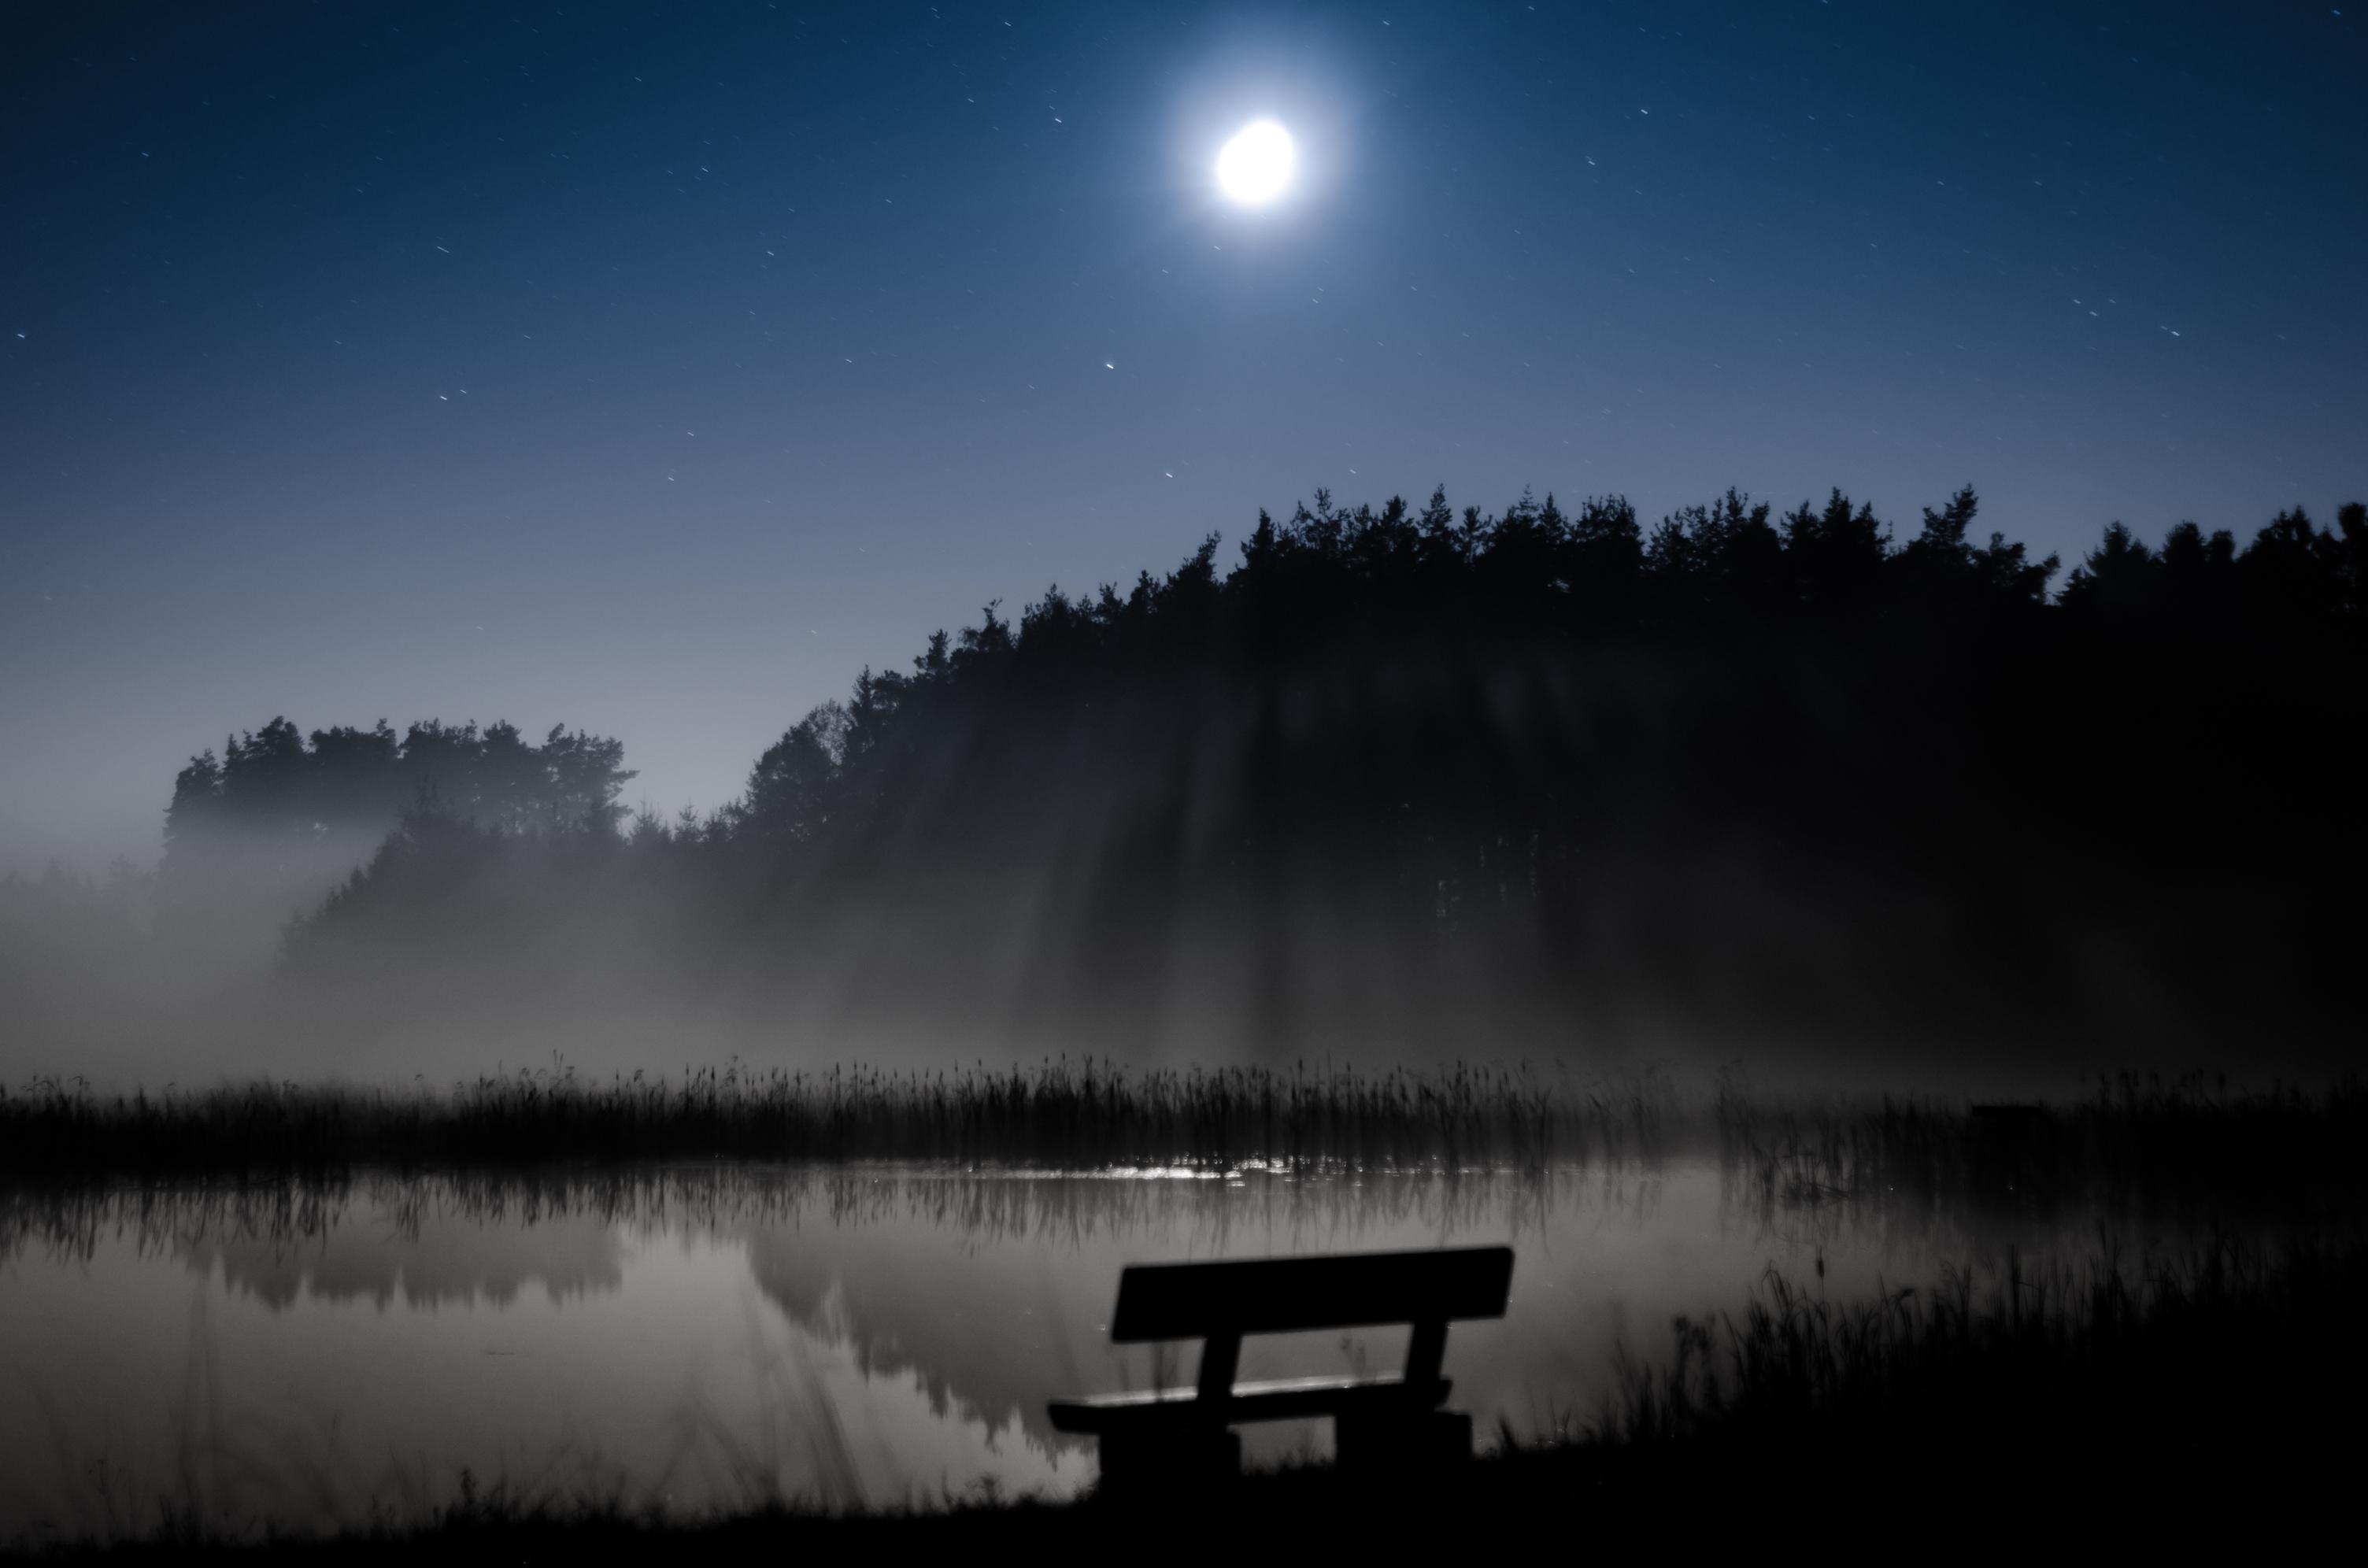 келли владела фото туманная ночь в россии городе